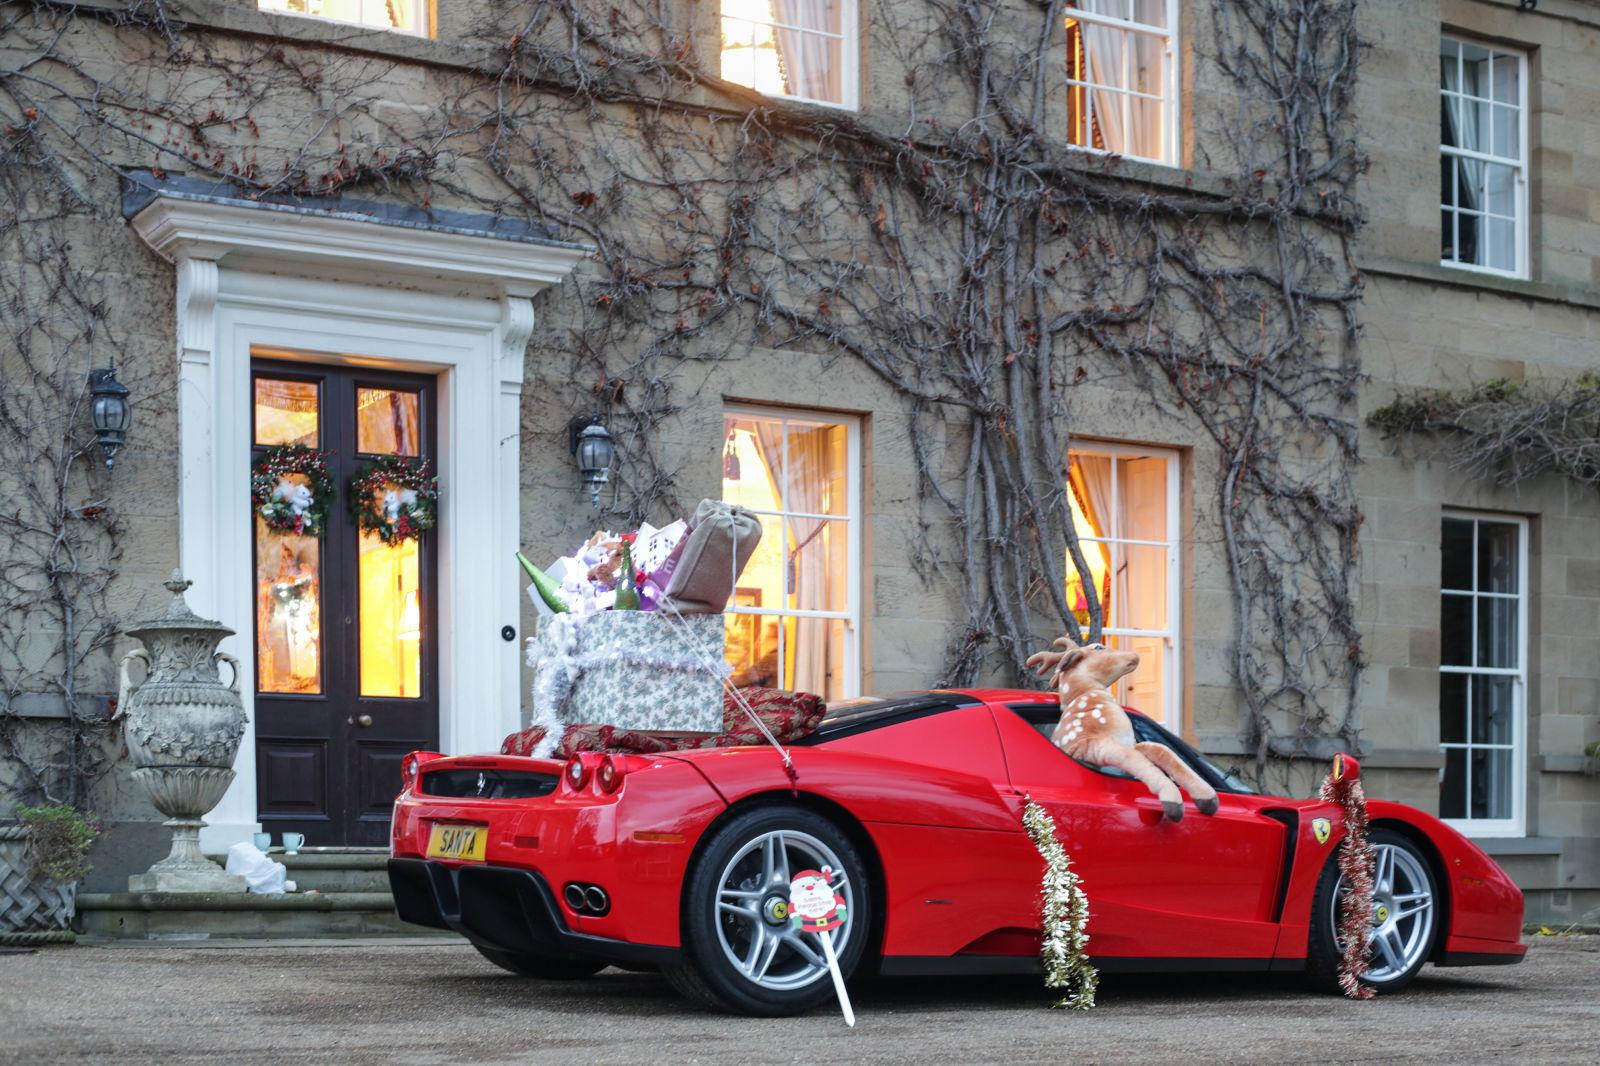 Οι ευχές μας, οι τάρανδοι και η Ferrari του Αη Βασίλη Ferrari, ferrari Enzo, video, videos, zblog, Αη Βασίλης